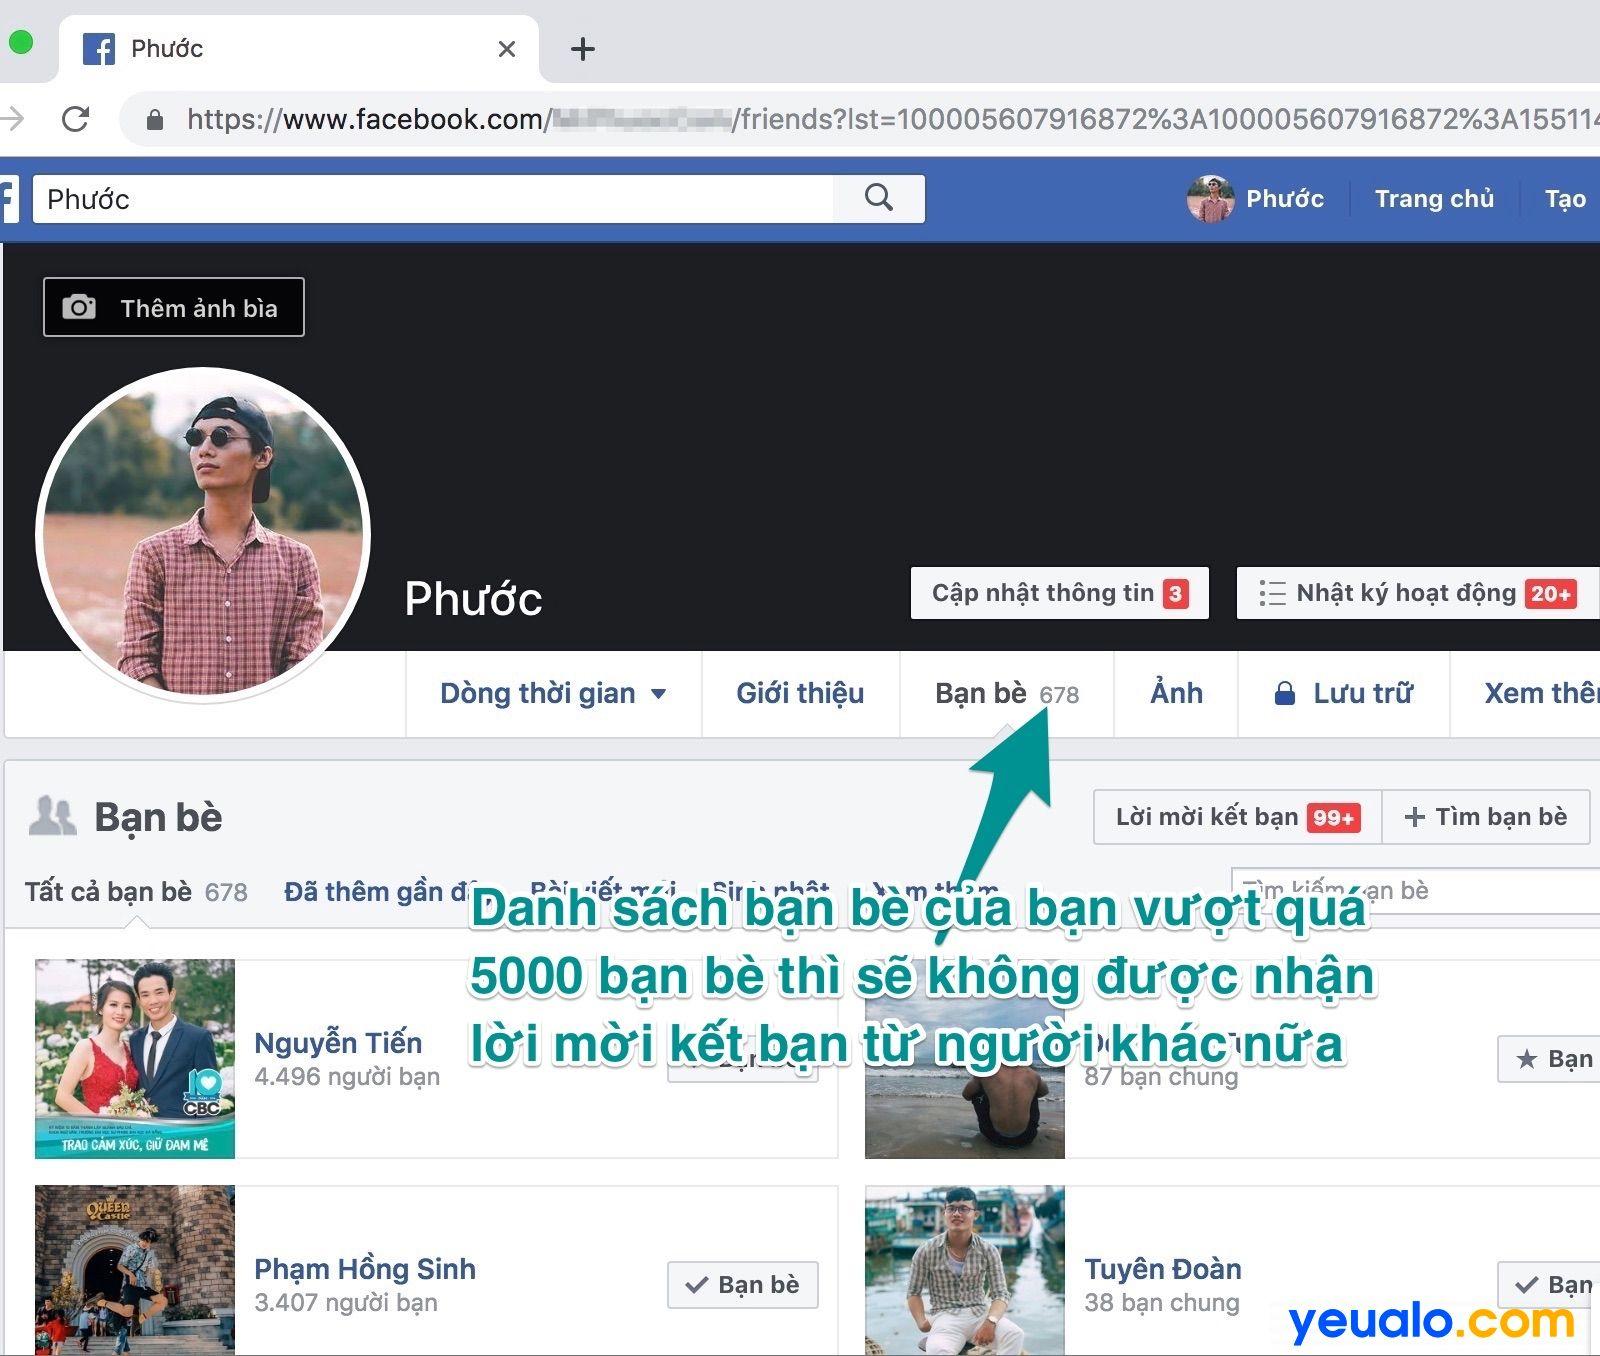 Tại sao Facebook không có nút kết bạn 3